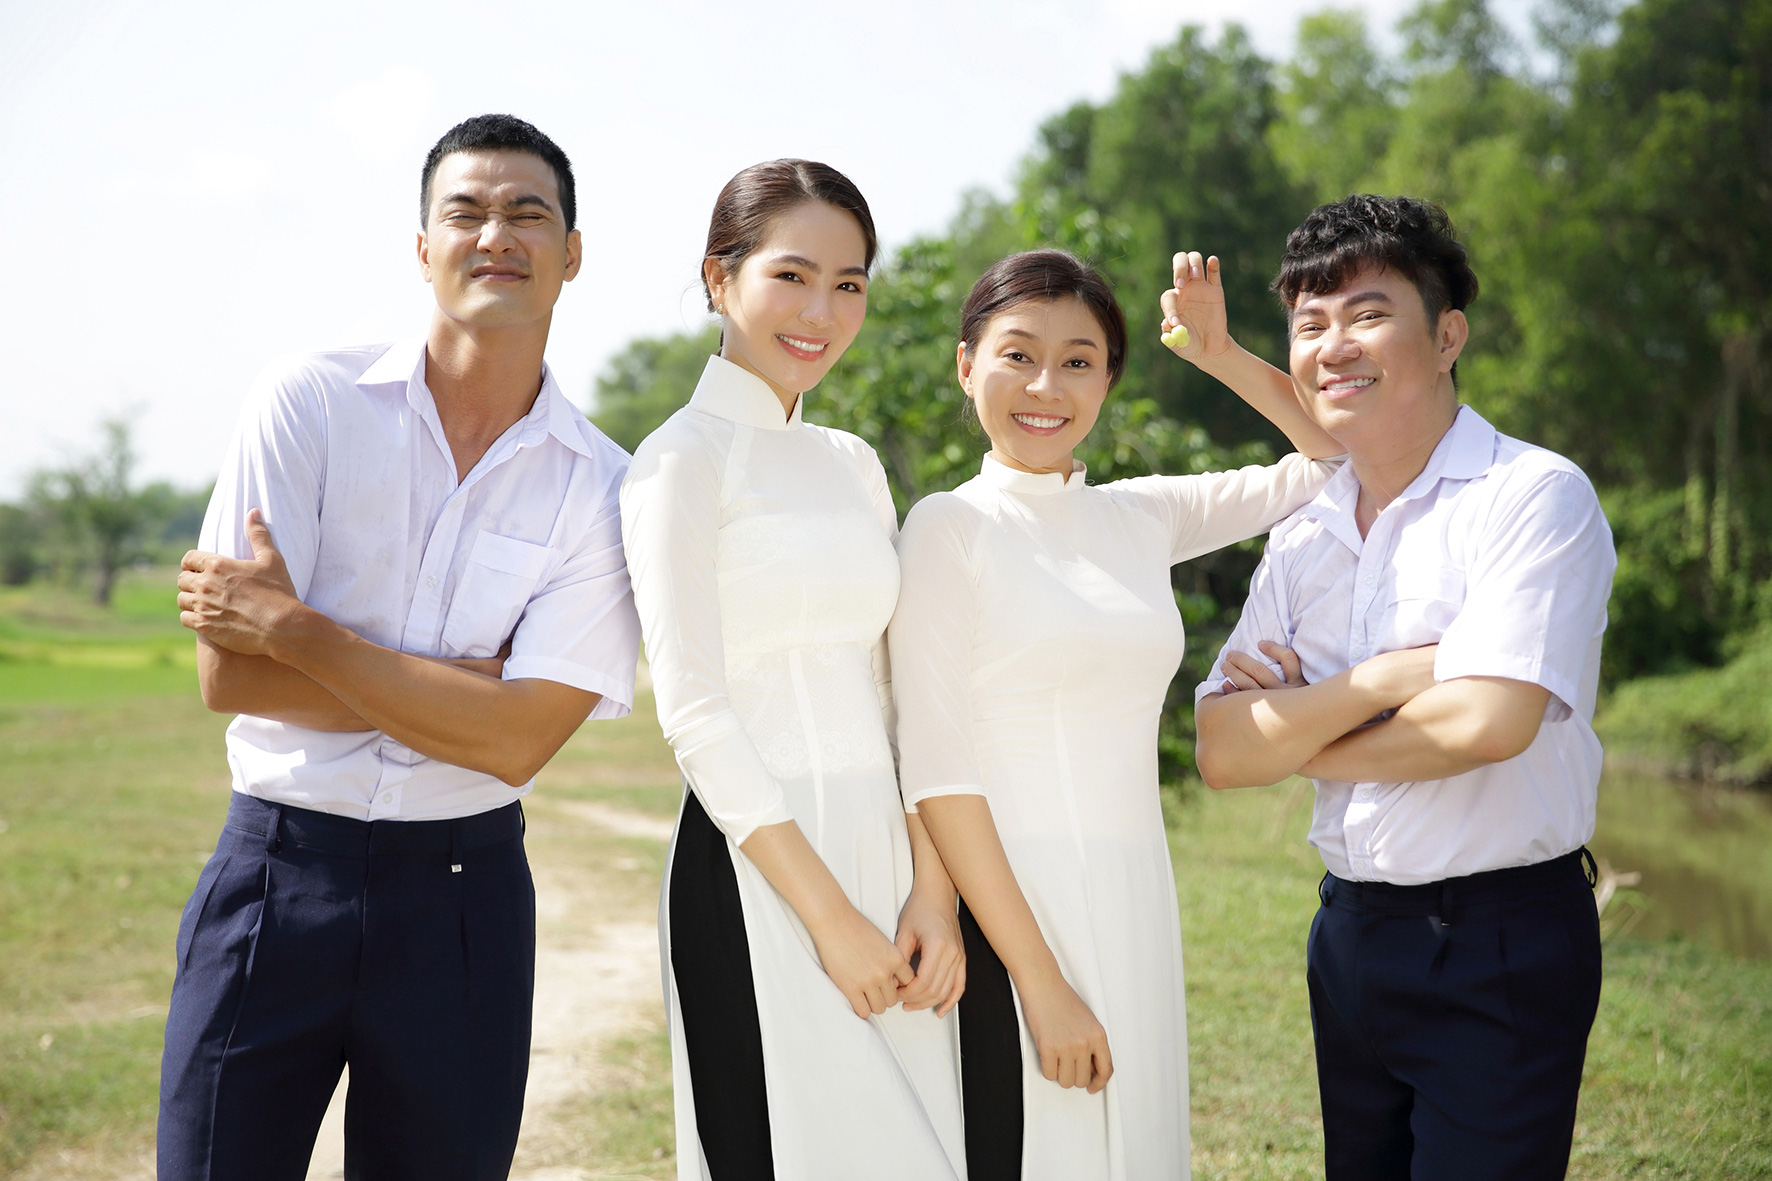 Dương Kim Ánh tung trailer phim ca nhạc kết hợp cùng Quốc Đại - Ảnh 1.